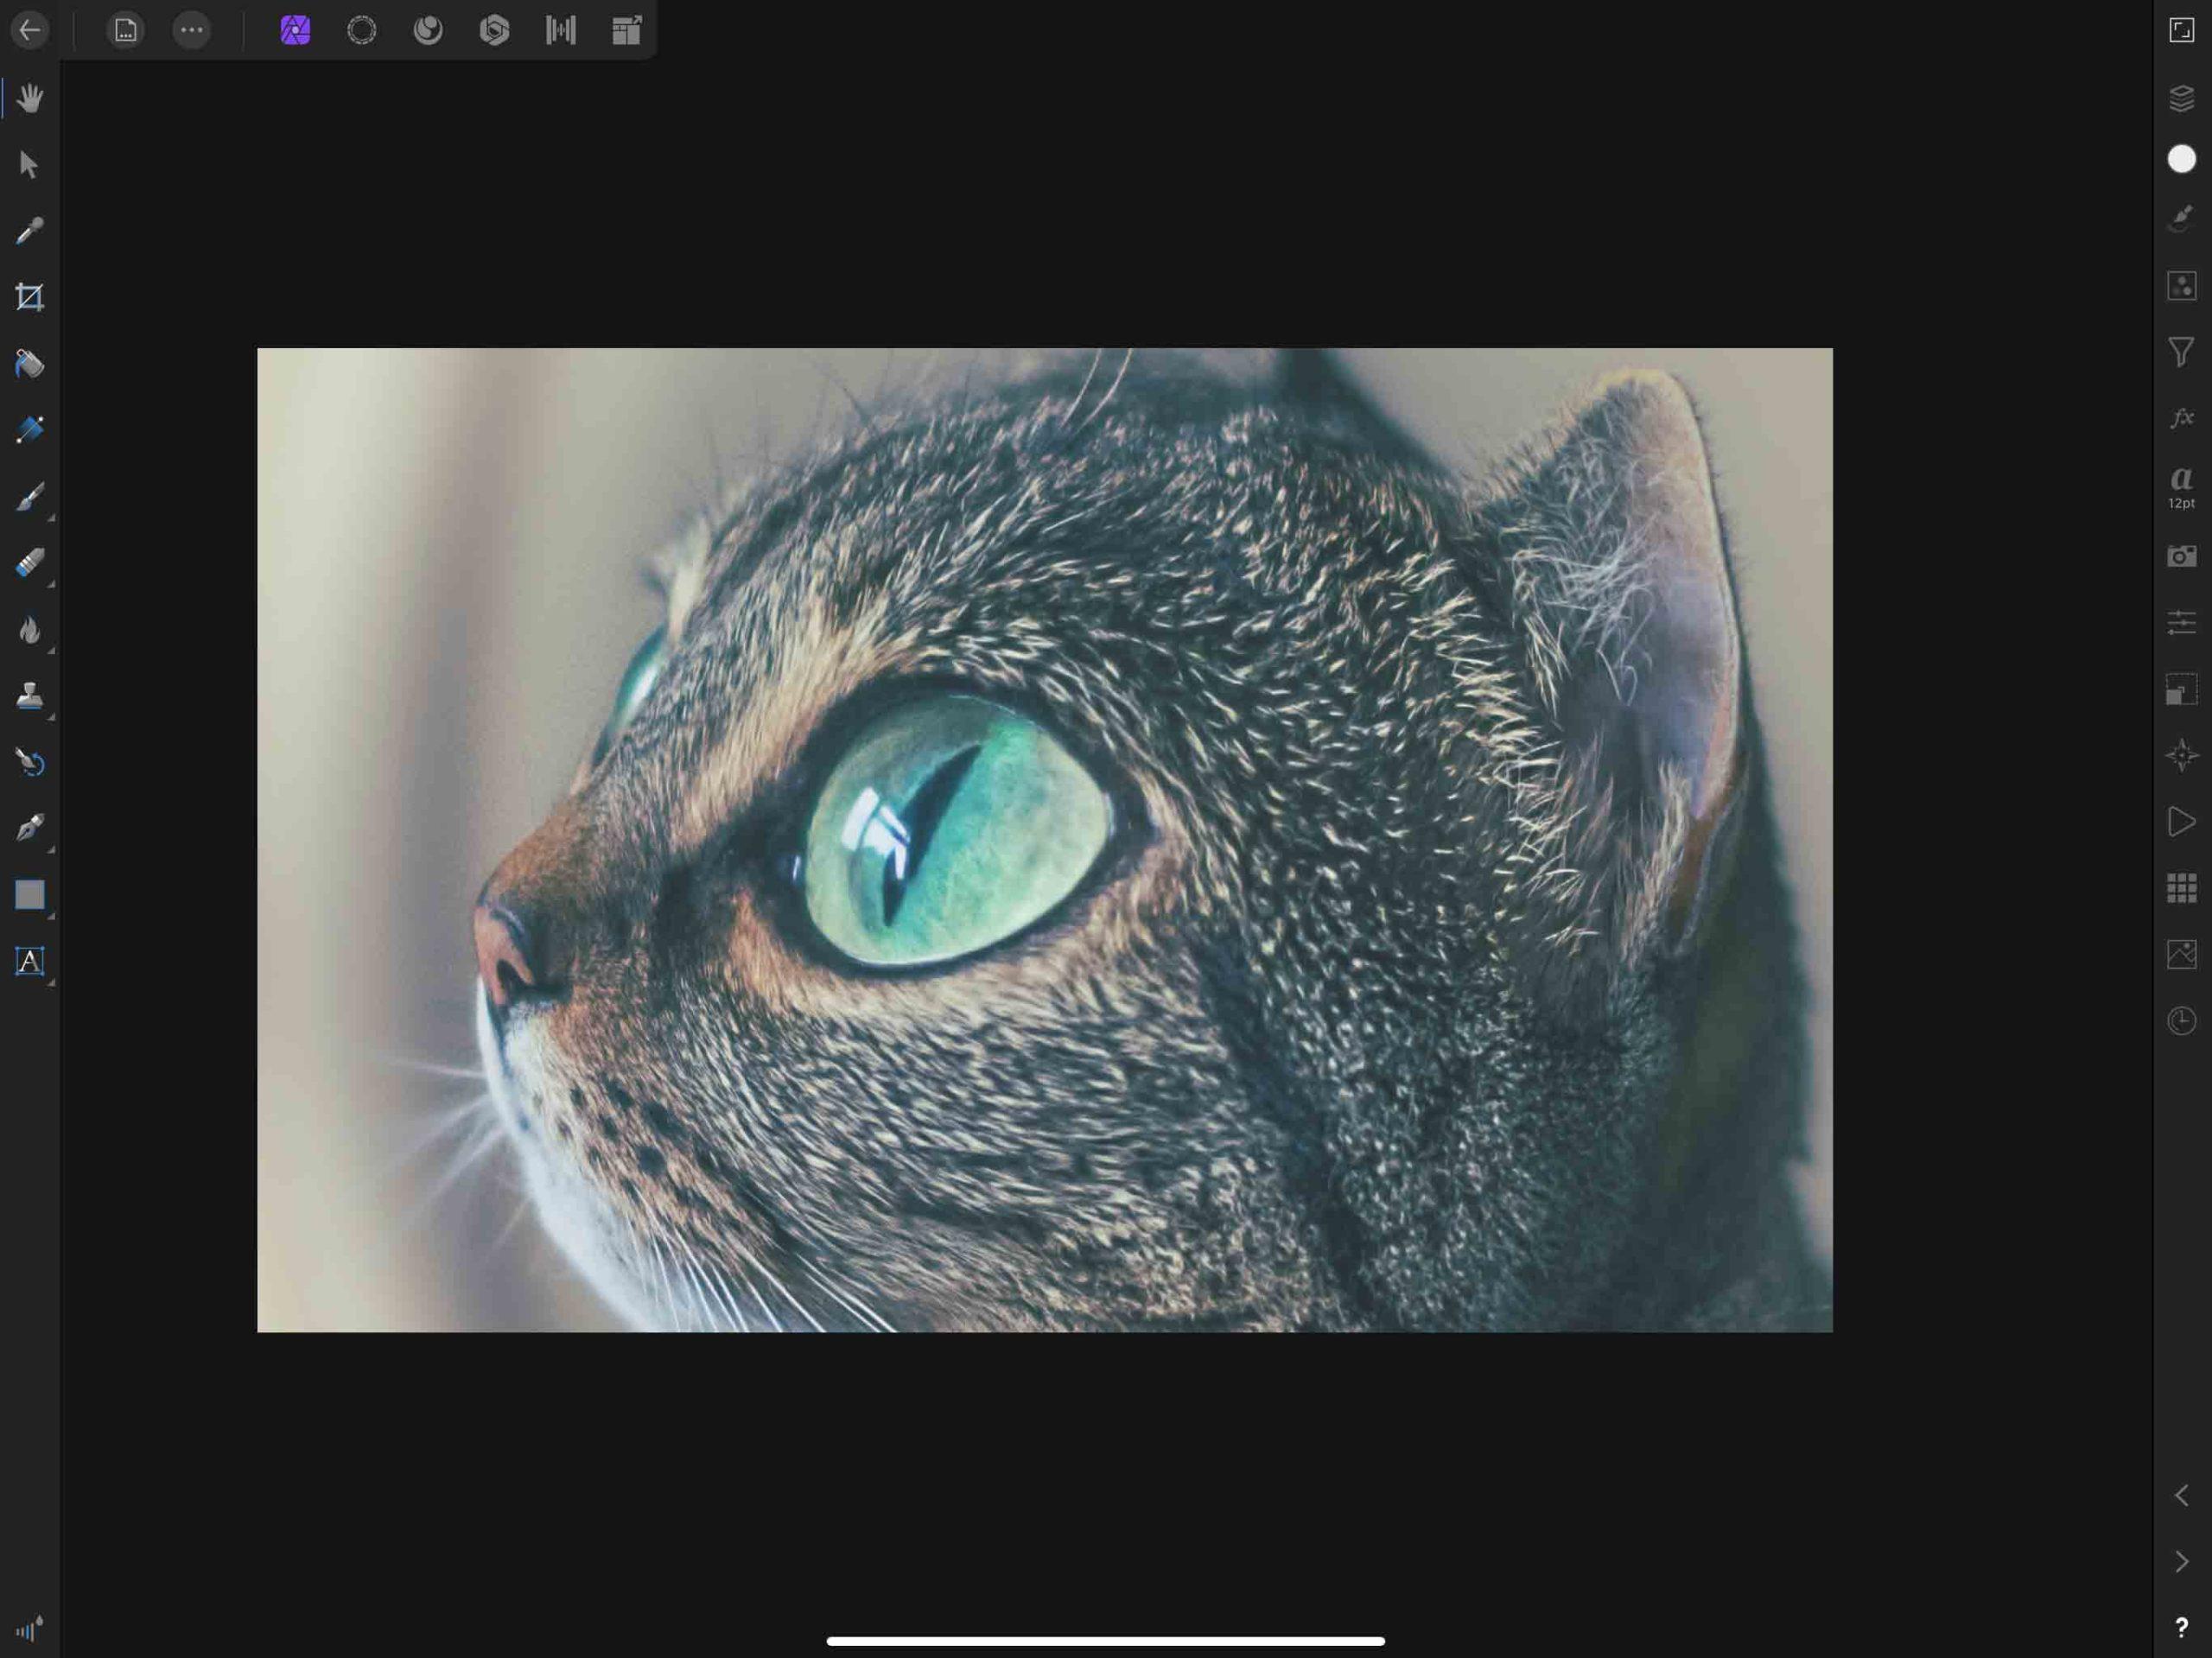 猫の写真をゆがませた例